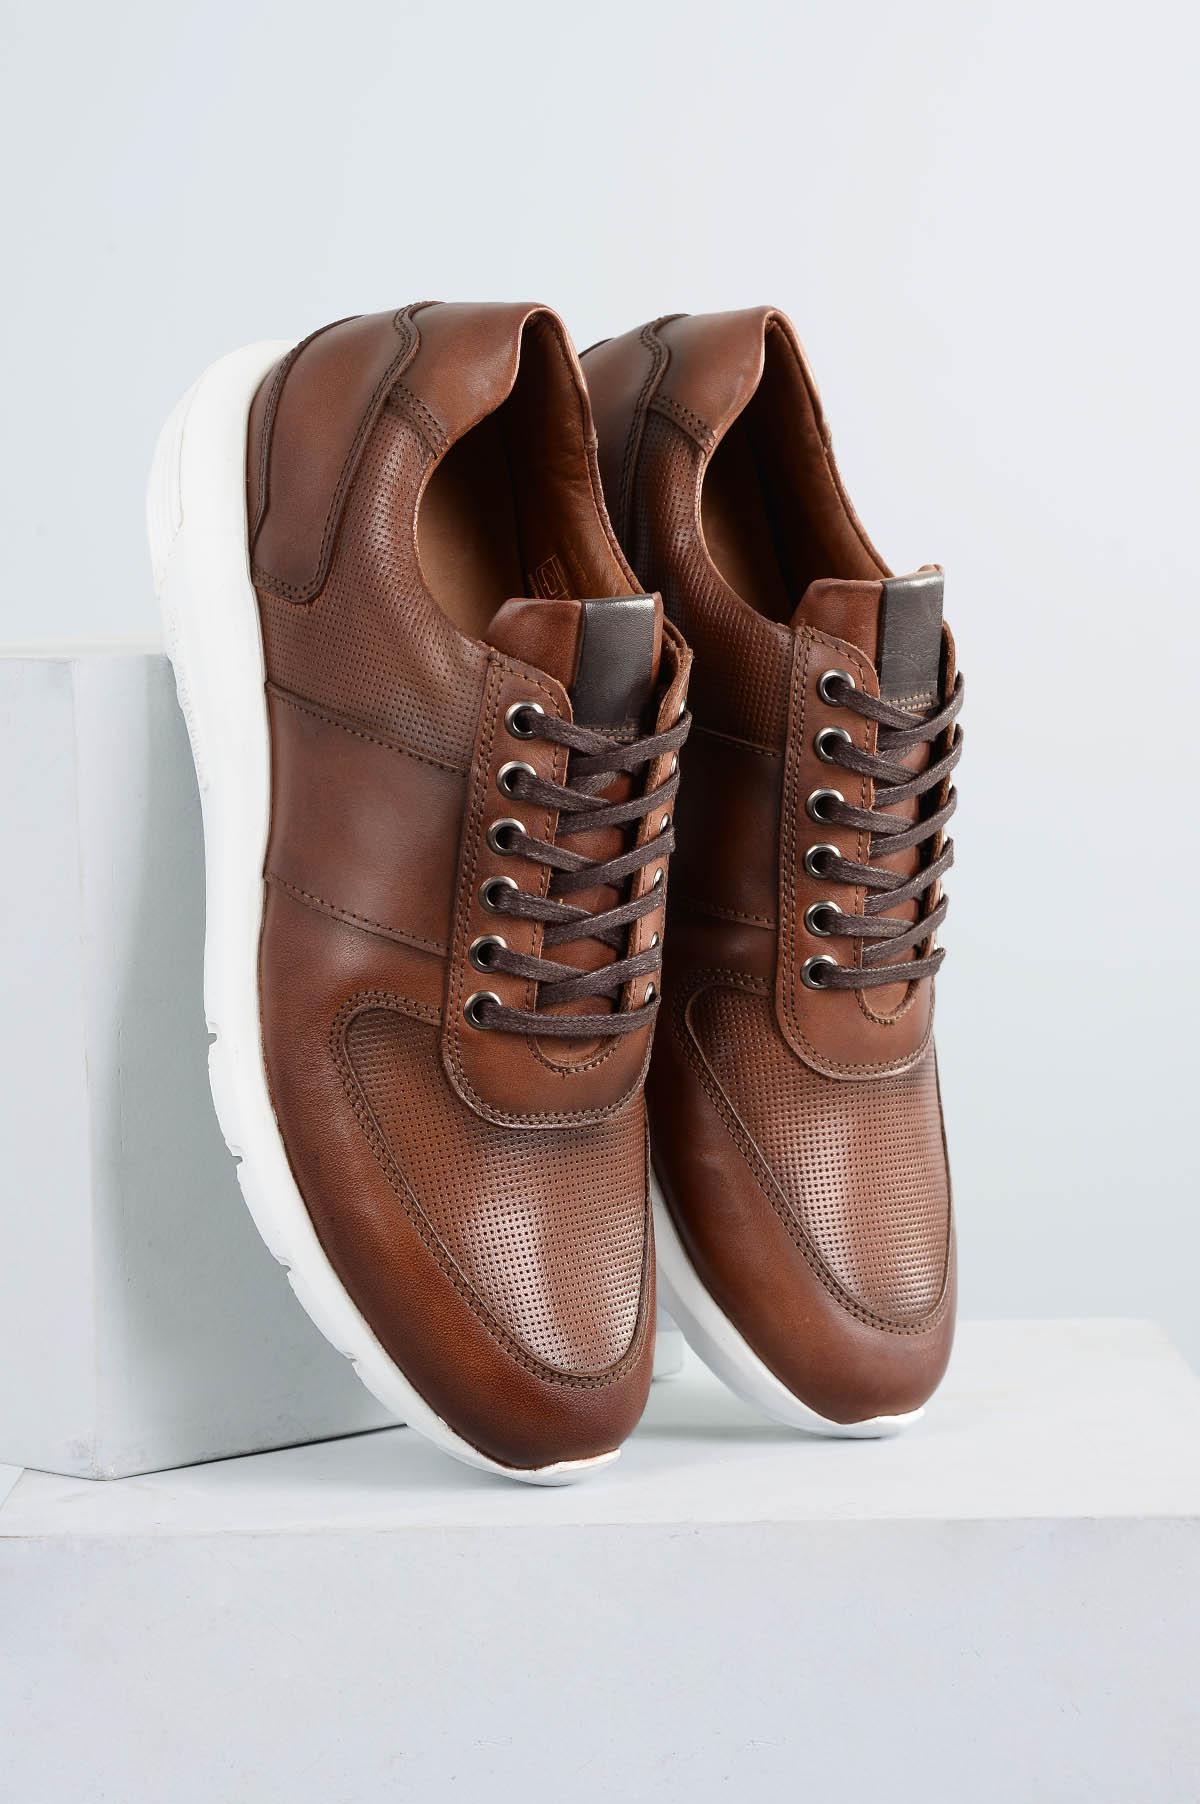 0ad0f37303b0c Sapatênis Masculino Edson Mundial CR - CAFE - Mundial Calçados